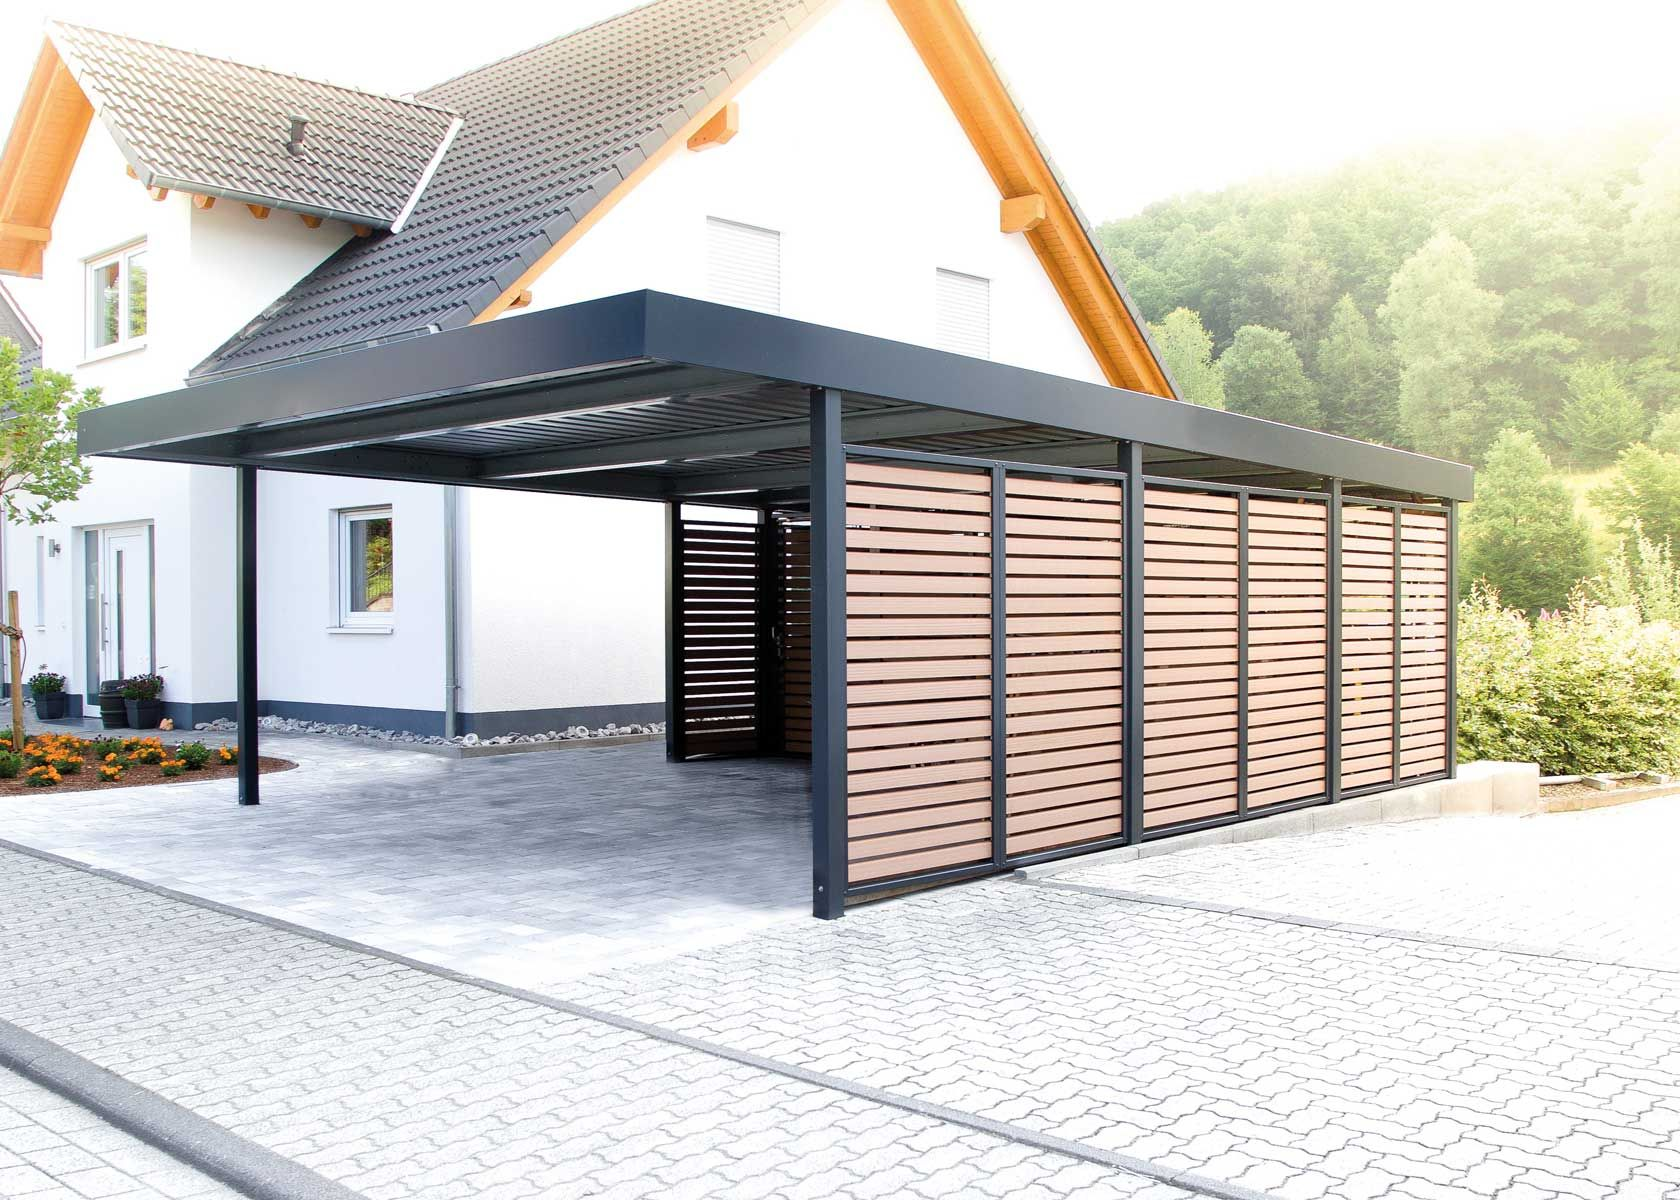 Carport Mit Wandfelder Als Sichtschutz Carport Uberdachung Carport Fachwerkhauser